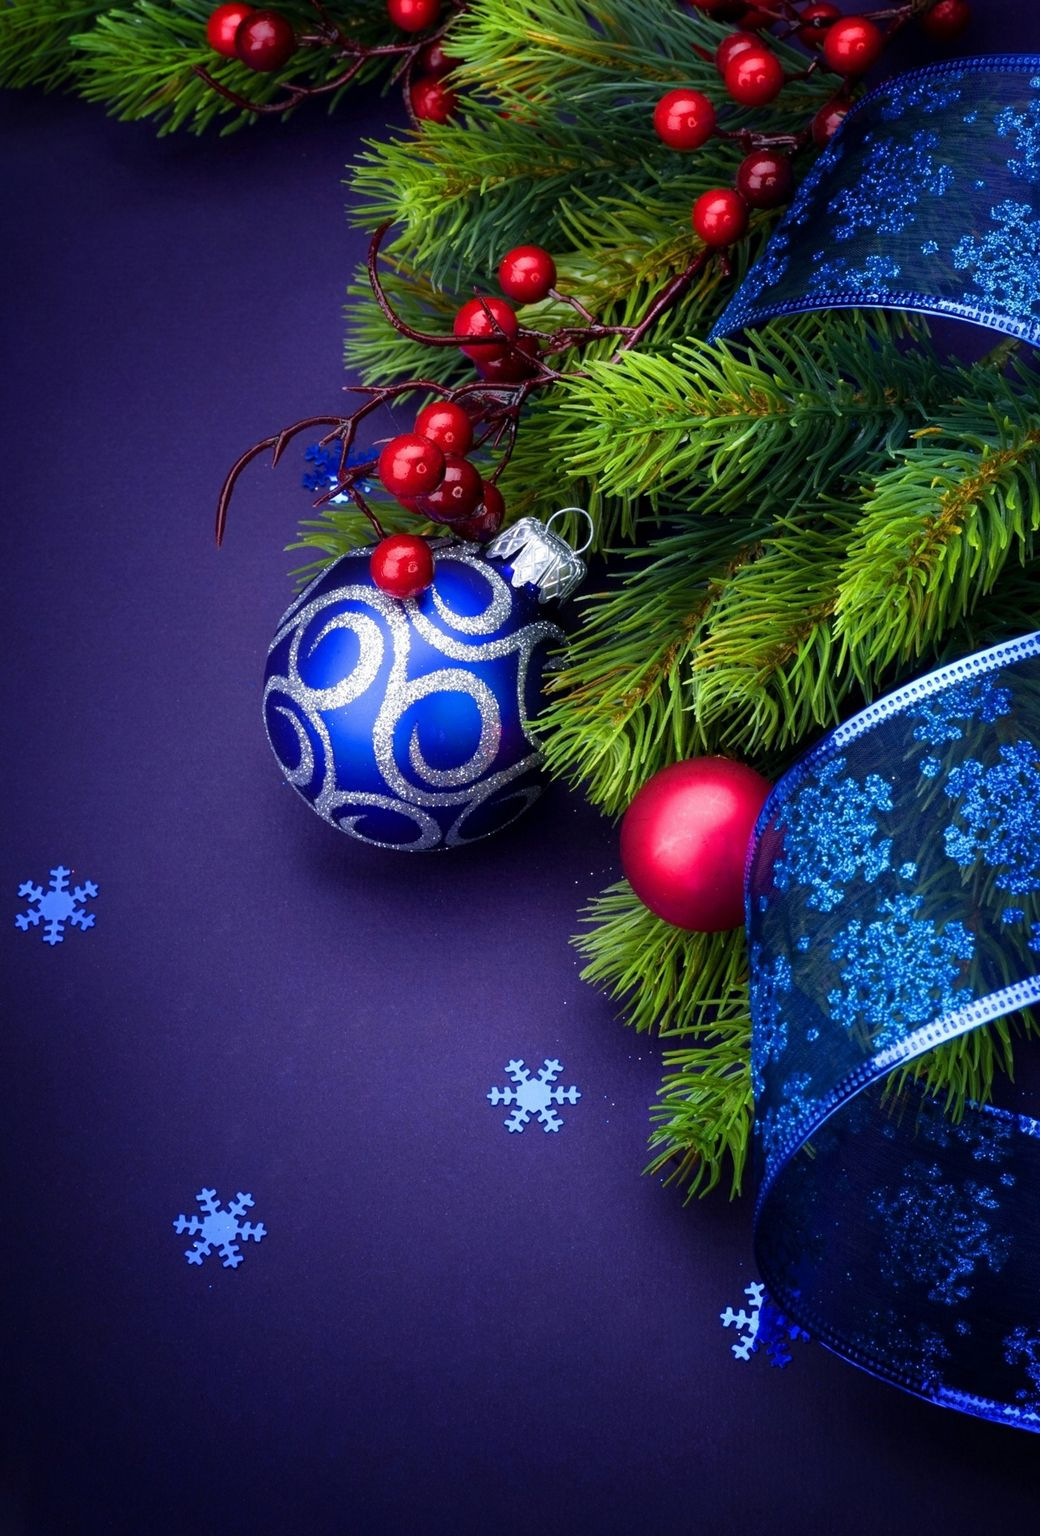 Sfondi Natalizi Tablet.Risultati Immagini Per Sfondo Tablet 10 1 Sfondi Natale Natale